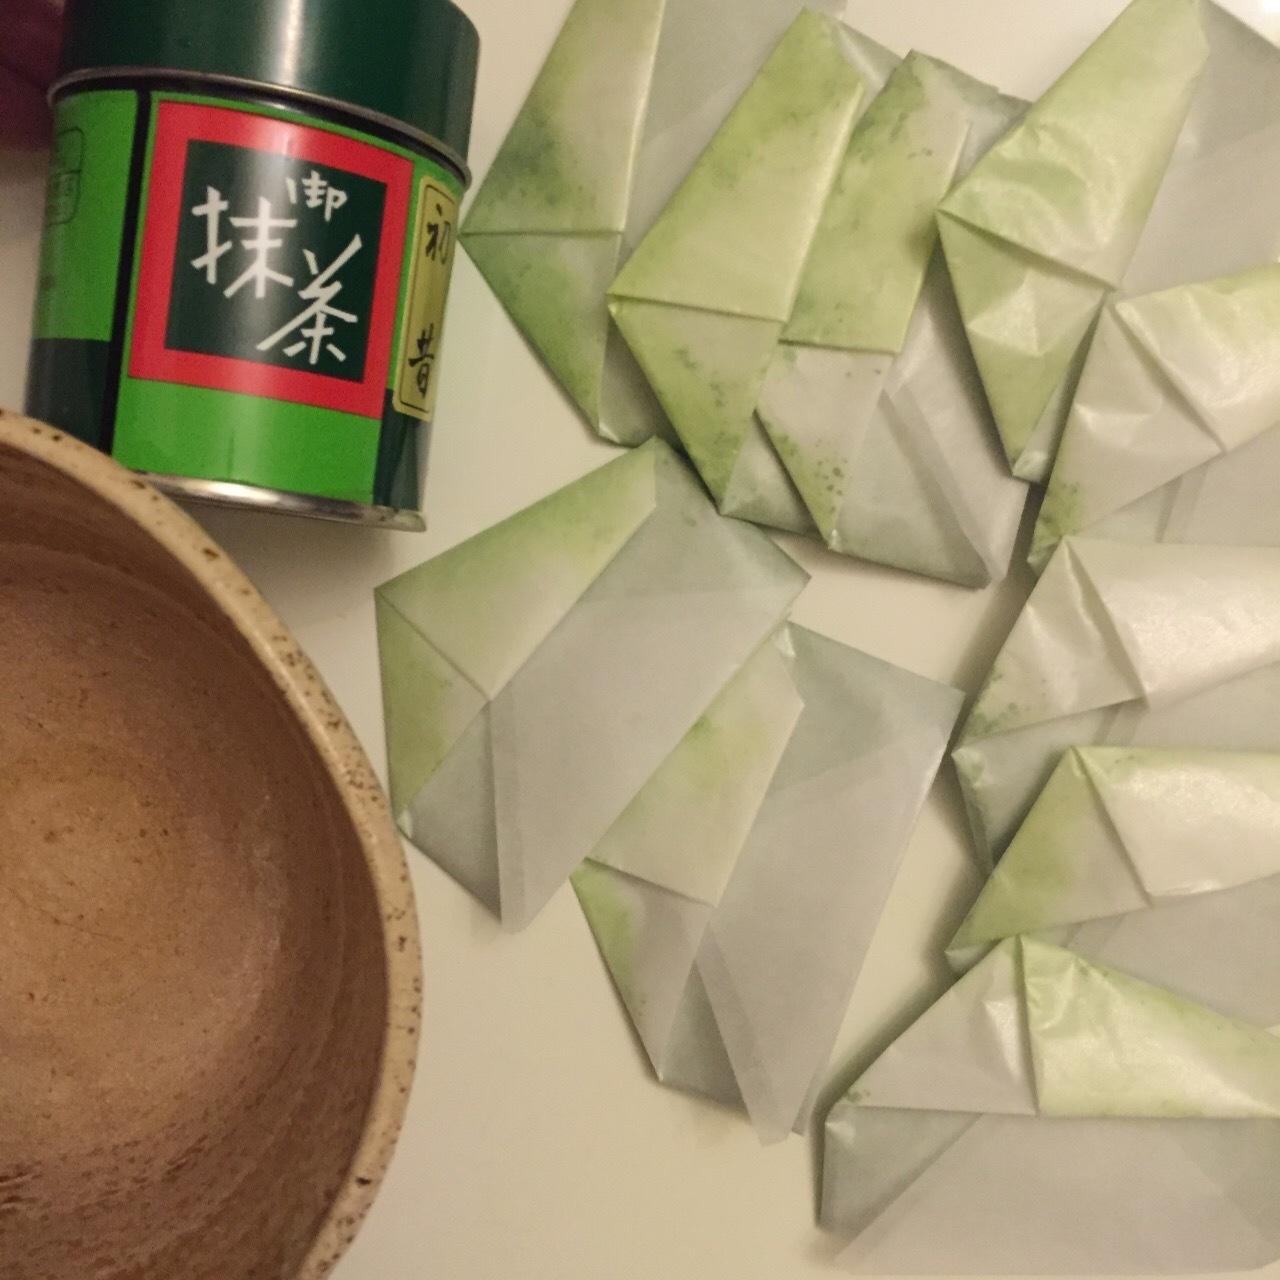 日本茶ライフ!手軽にシャカシャカ、デイリーにお抹茶を♡_1_1